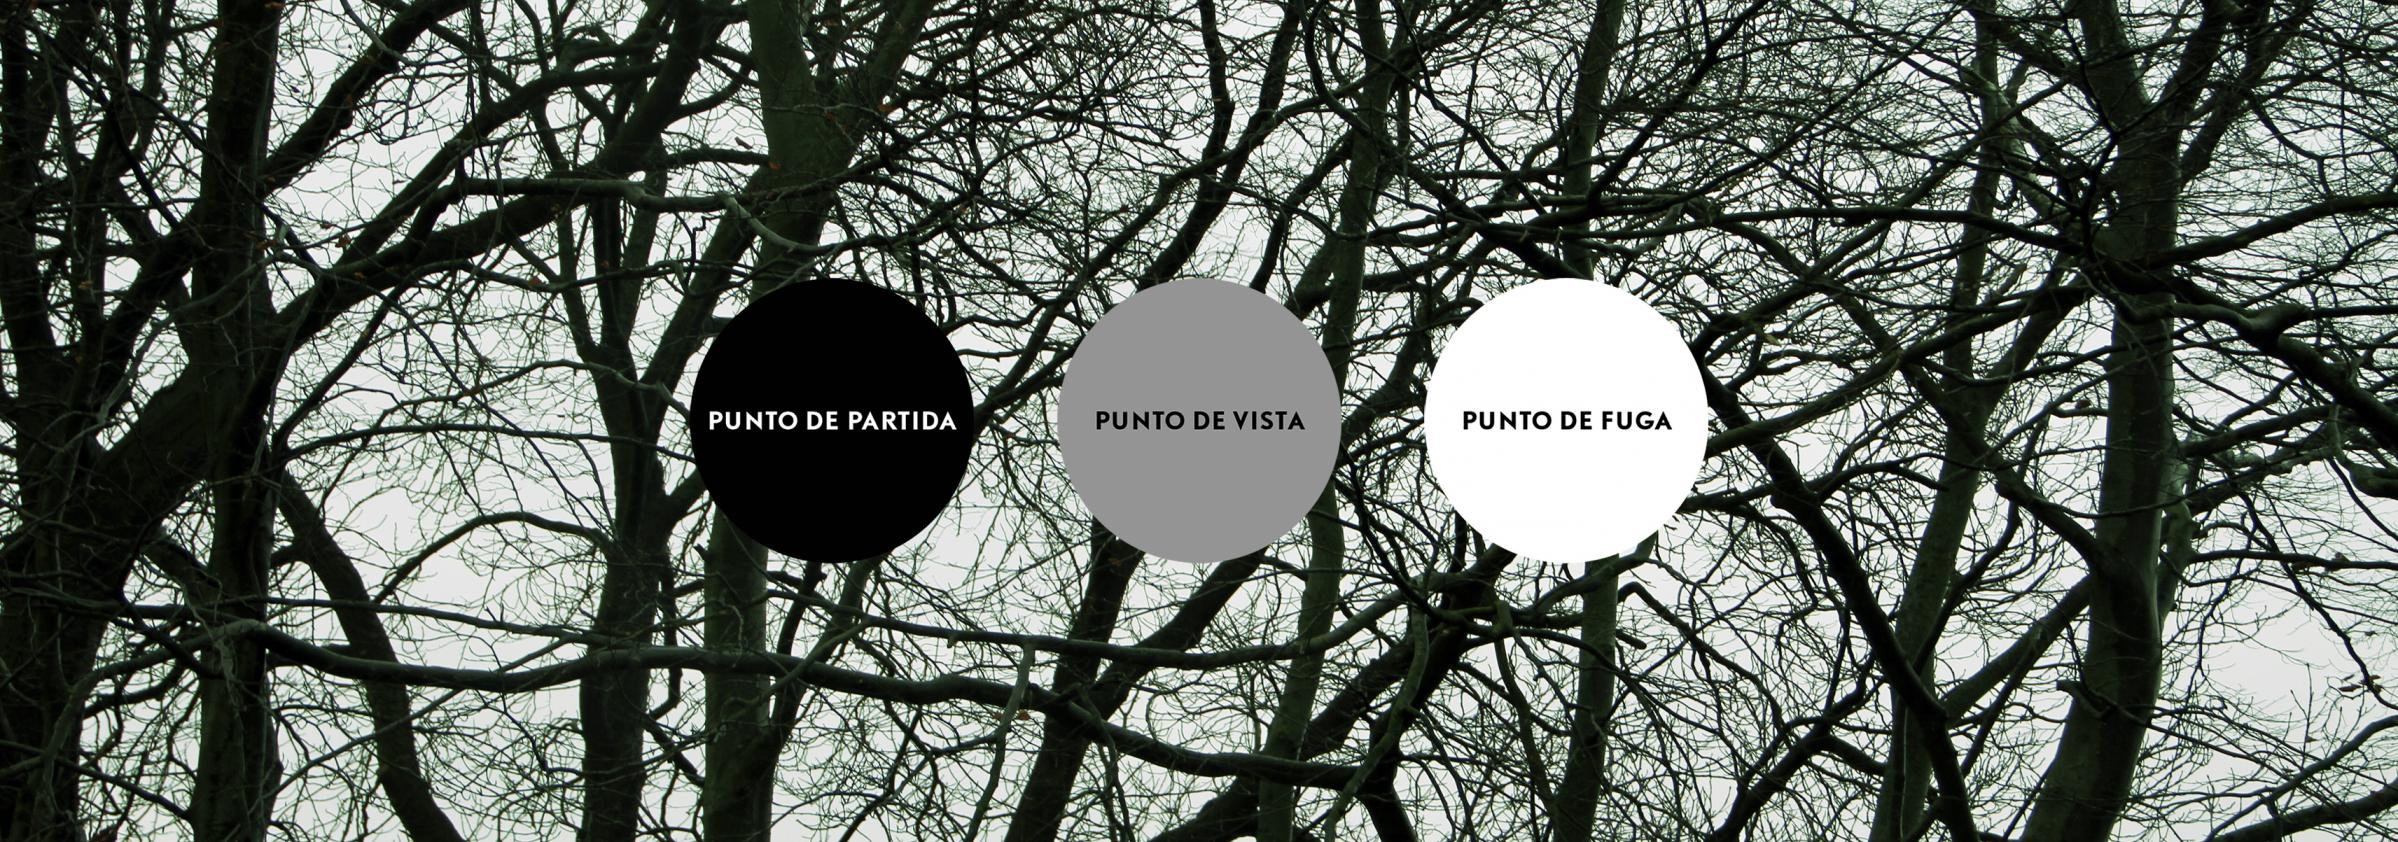 Punto de partida, punto de vista y punto de fuga. (2016) - Alex Mene